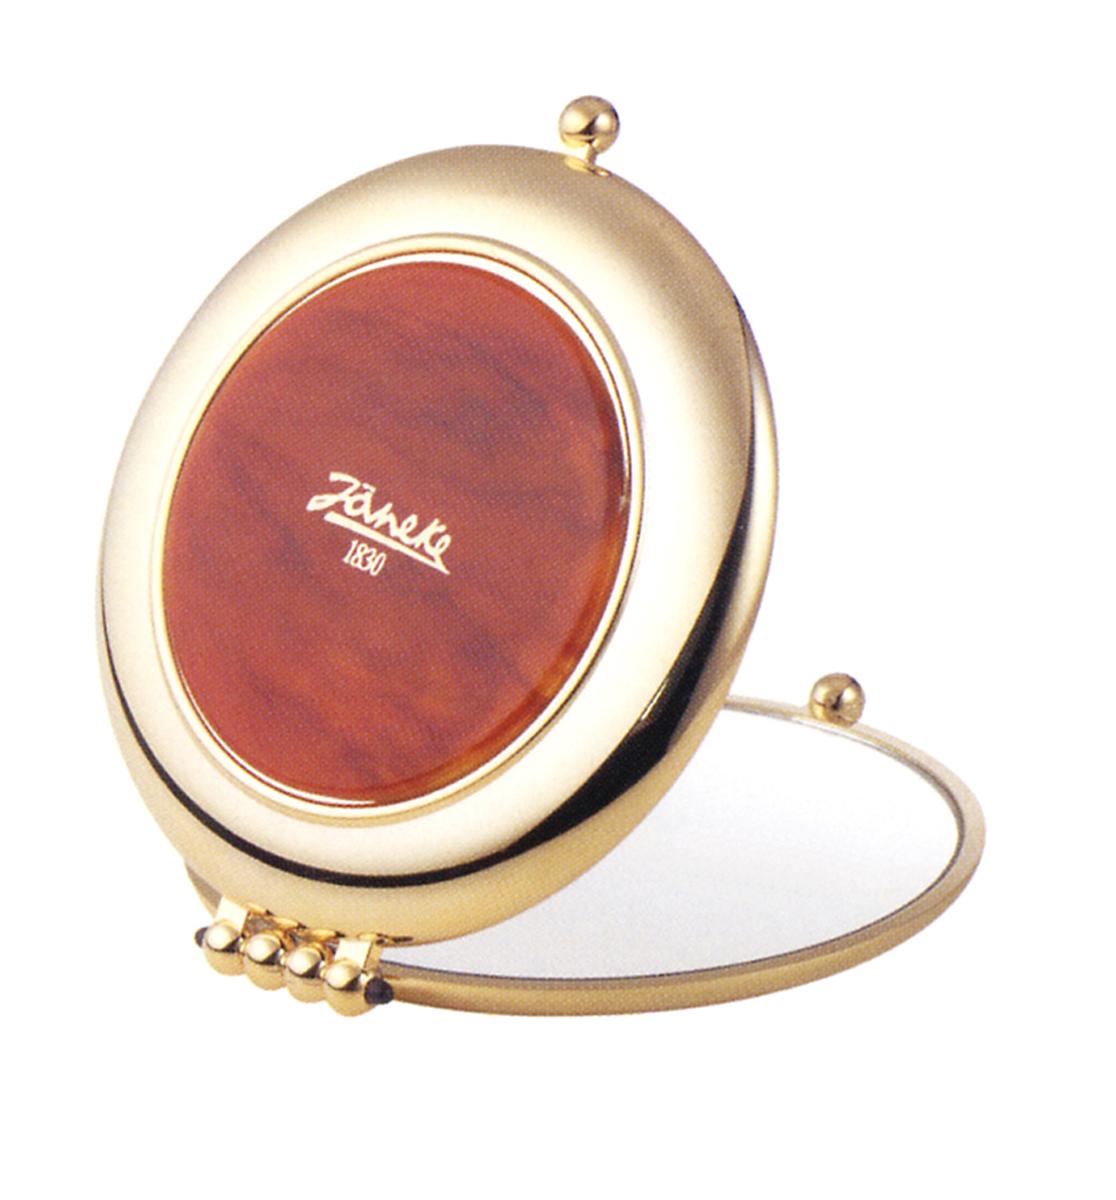 Janeke Зеркало карманное, линзы ZEISS, позолоченное D90, AU453.3 DBL.573236Марка Janeke – мировой лидер по производству расчесок, щеток, маникюрных принадлежностей, зеркал и косметичек. Марка Janeke, основанная в 1830 году, вот уже почти 180 лет поддерживает непревзойденное качество своей продукции, сочетая новейшие технологии с традициями ста- рых миланских мастеров. Все изделия на 80% производятся вручную, а инновационные технологии и современные материалы делают продукцию марки поистине уникальной. Стильный и эргономичный дизайн, яркие цветовые решения – все это приносит истин- ное удовольствие от использования аксессуаров Janeke. Компактные зеркала Janeke имеют линзы с обычным и трехкратным увеличением, которые позволяют быстро и легко поправить макияж в дороге. А благодаря стильному дизайну и миниатюрному размеру компактное зеркало Janeke станет любимым аксессуаром любой женщины.